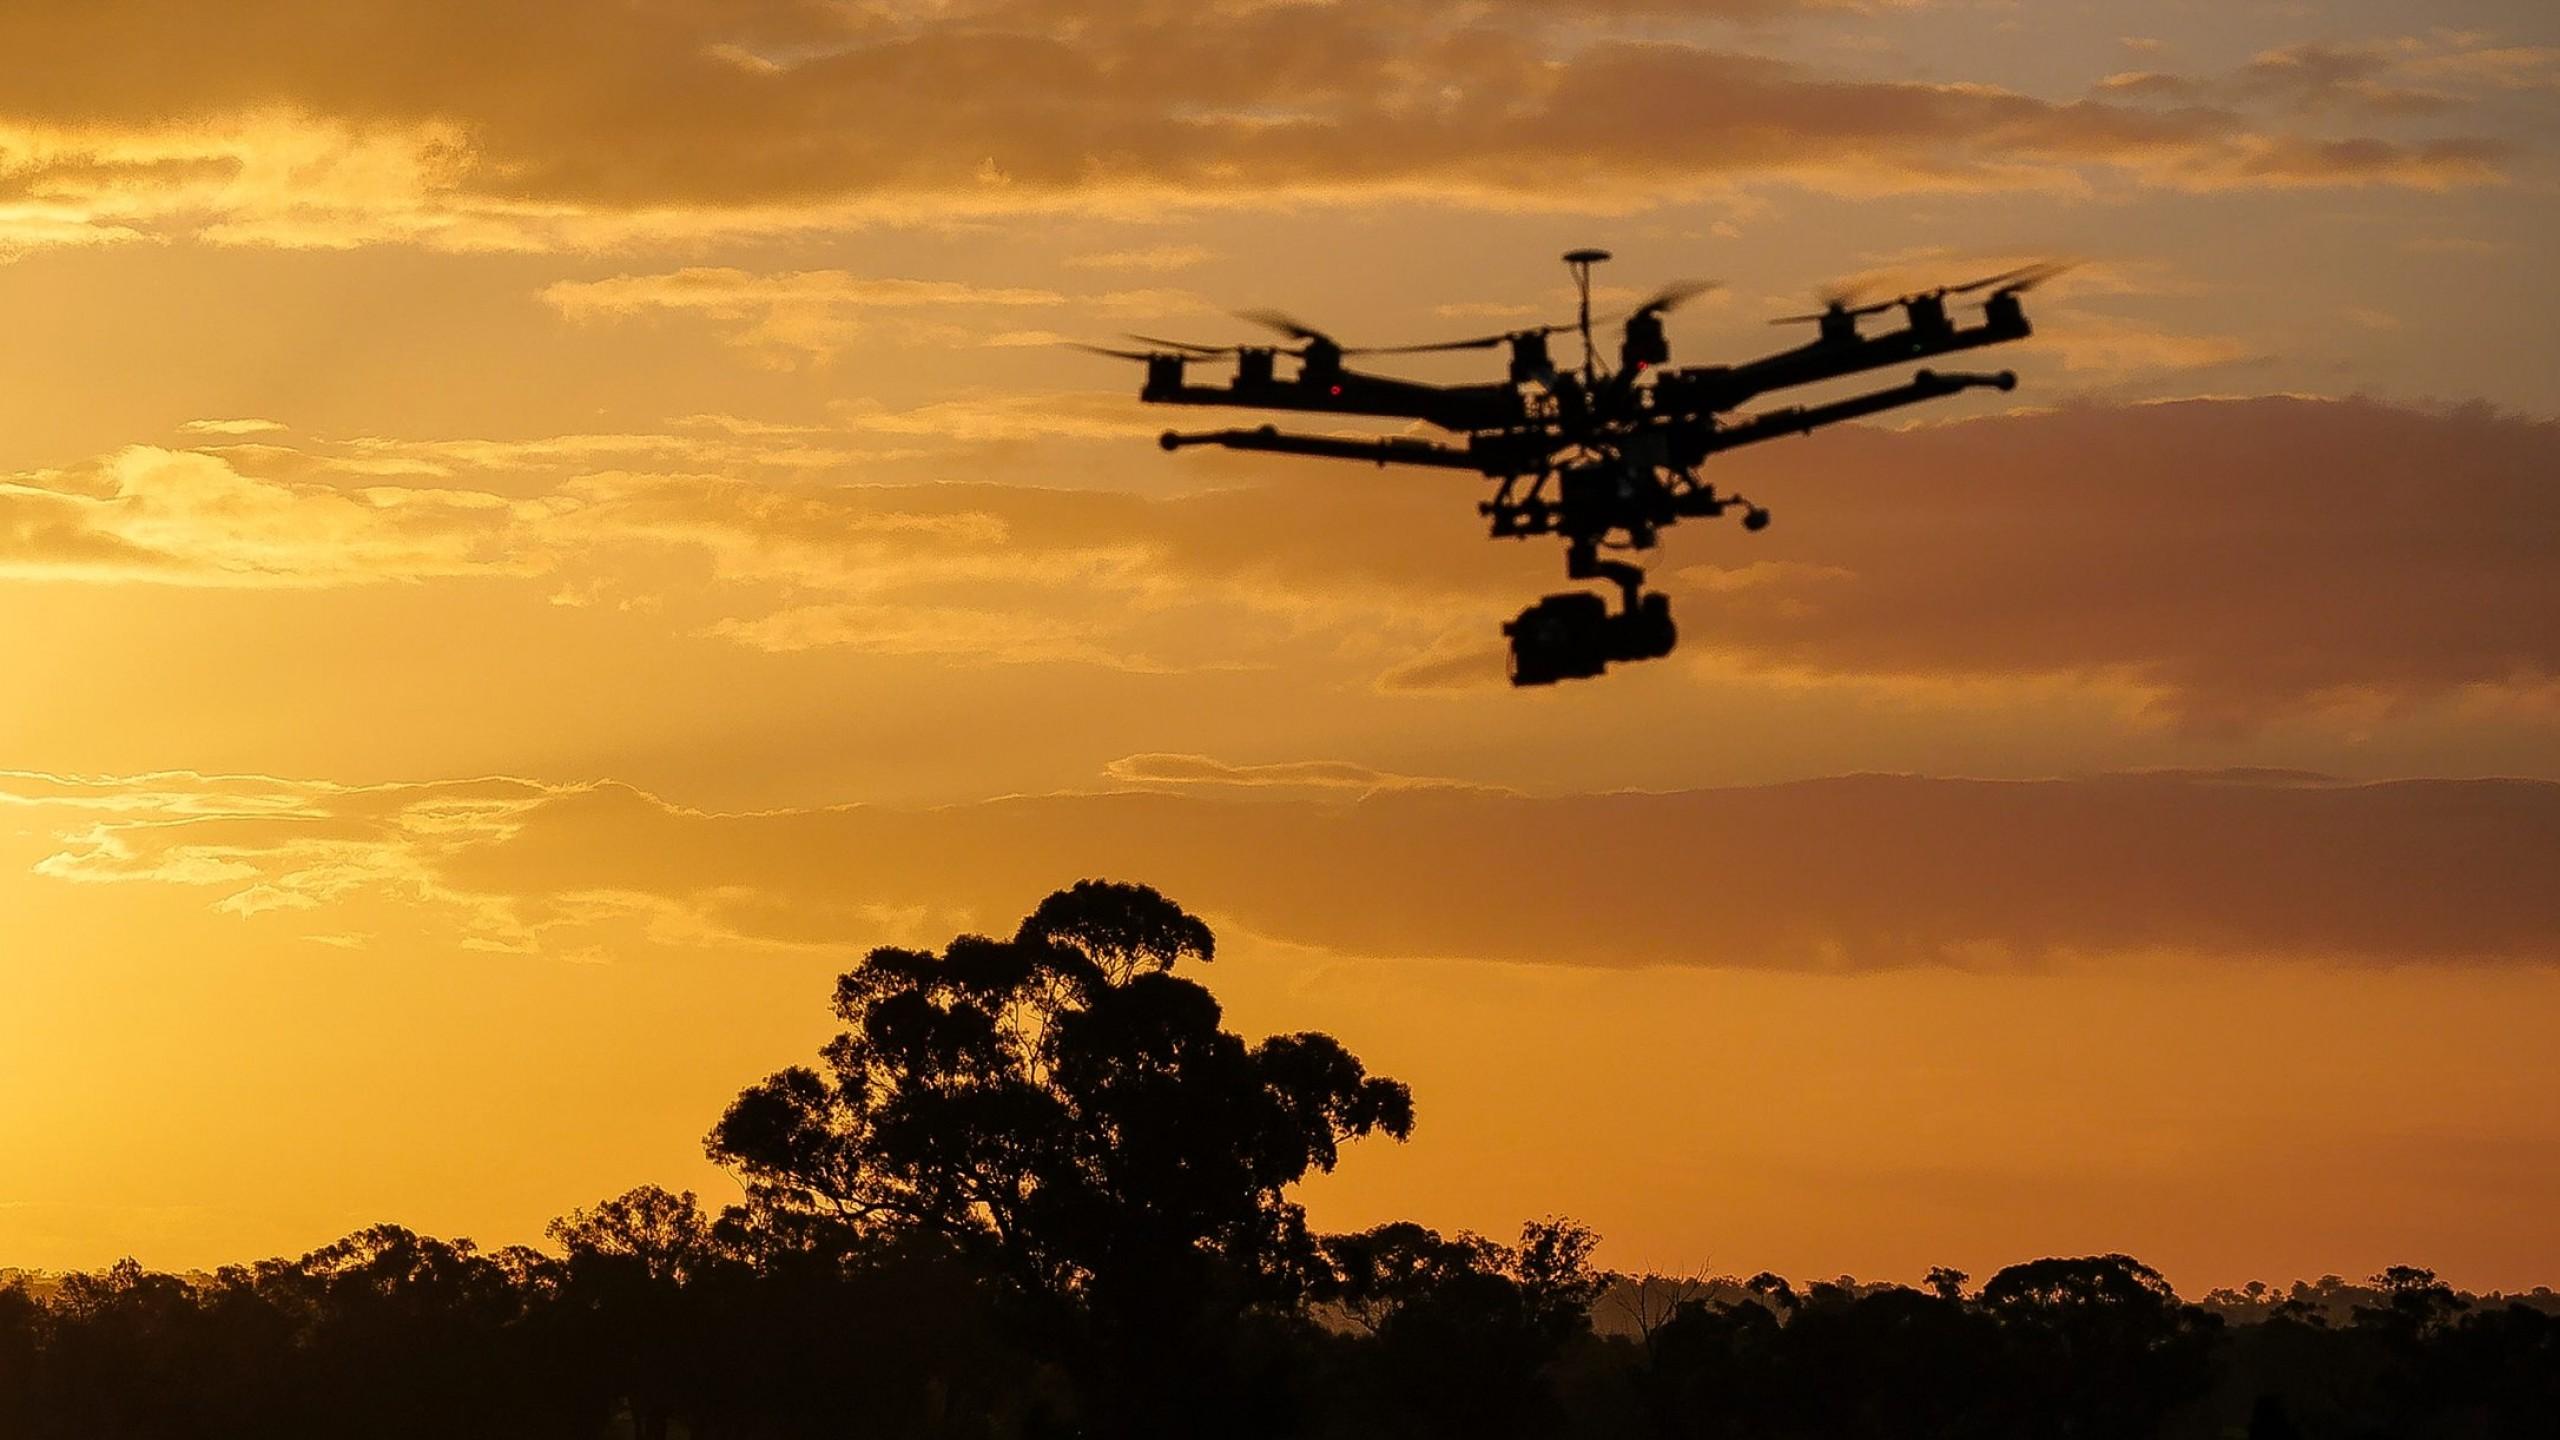 Best Dji Drone >> Wallpaper DJI Spreading Wings S1000 Plus, octocopter, best ...